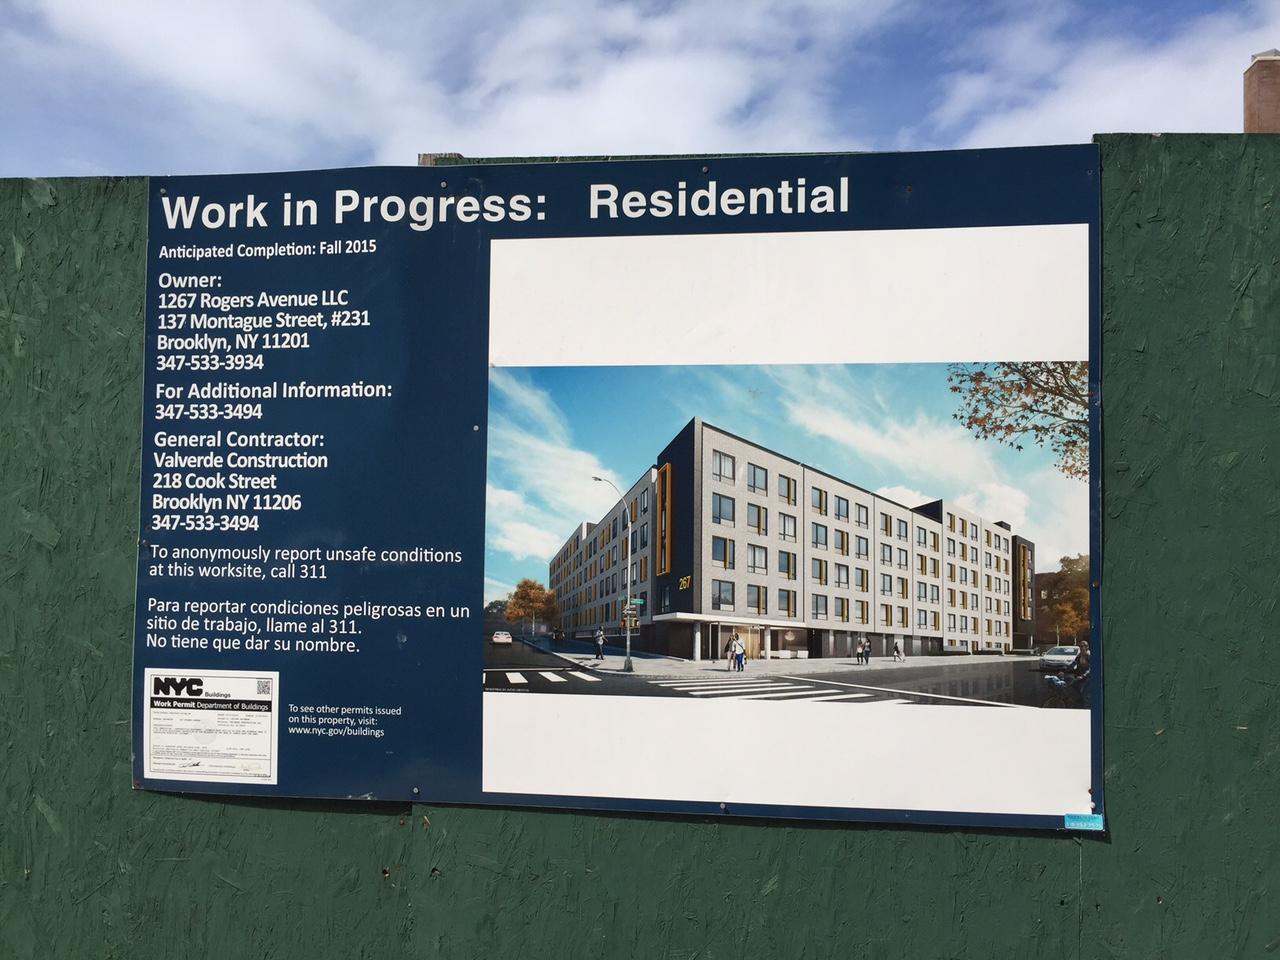 267 rogers avenue rendering